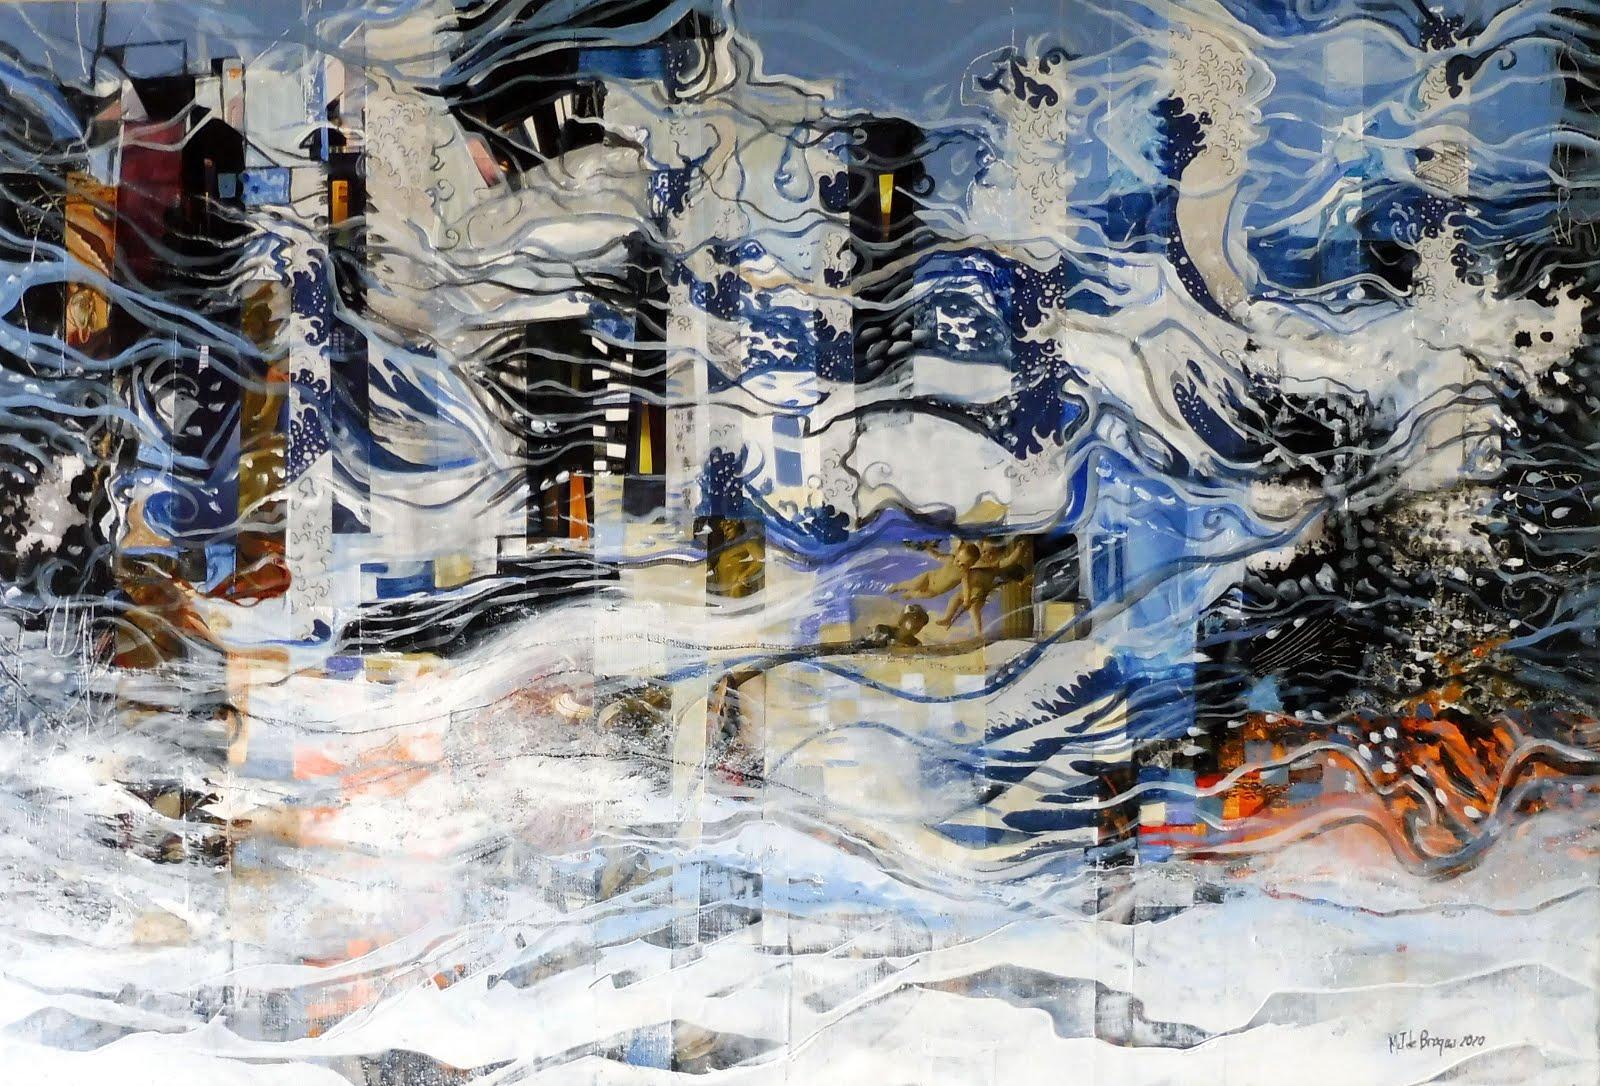 Les vagues de l'espérance - 81 x 55 cm - 2020